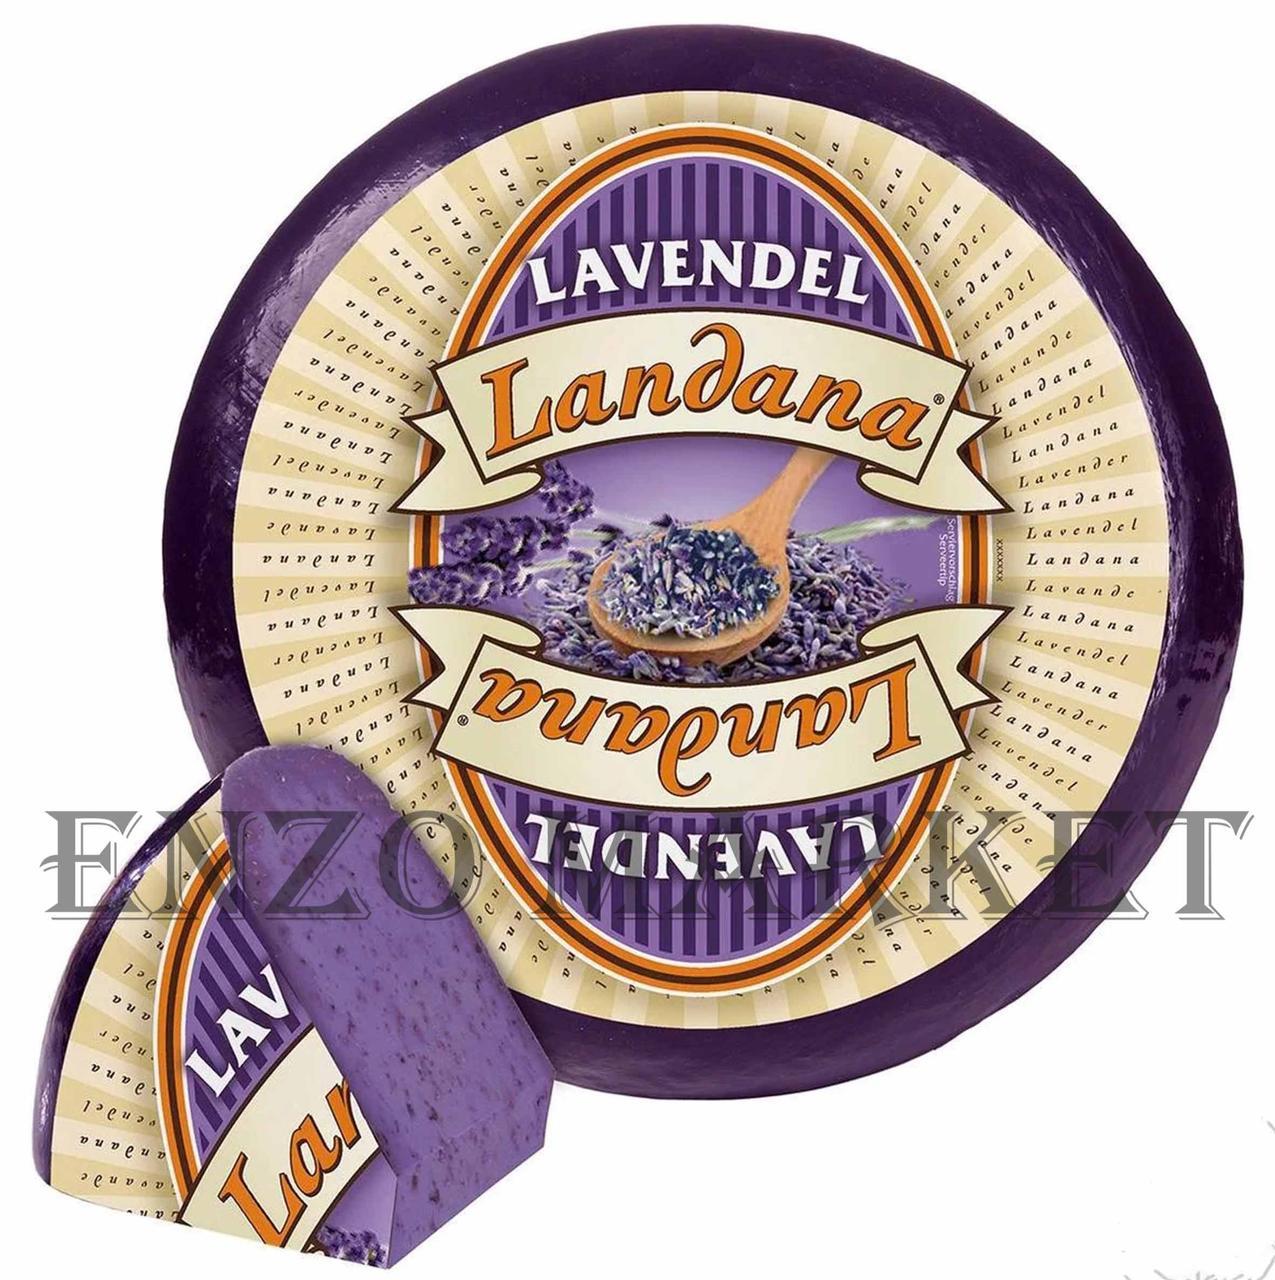 Сир з лавандою Landana Lavendel 50%, 1 кг